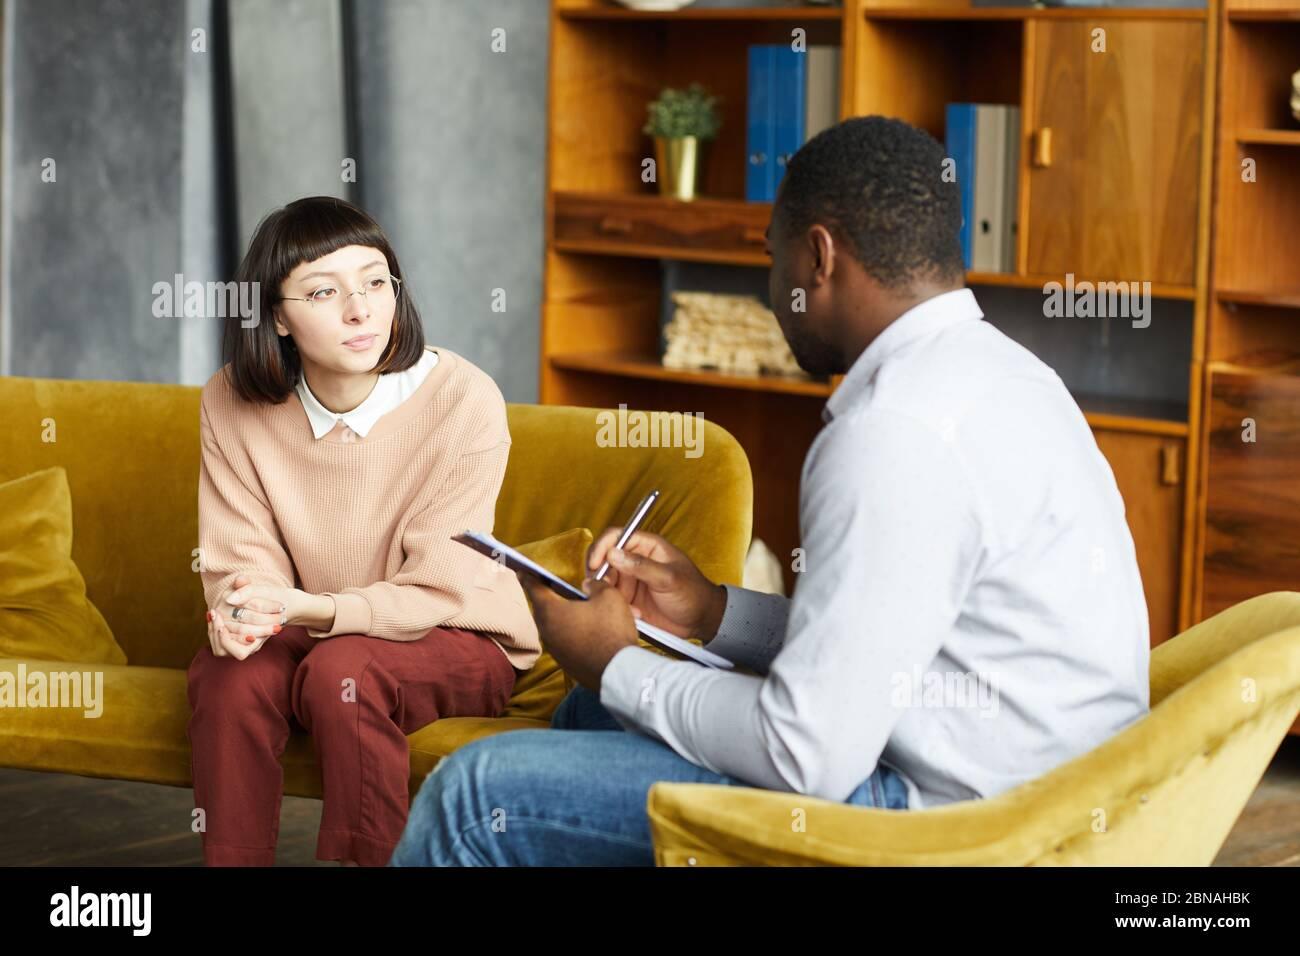 Jeune femme assise sur un canapé et parlant à un homme africain pendant qu'il prend des notes dans un document au bureau Banque D'Images